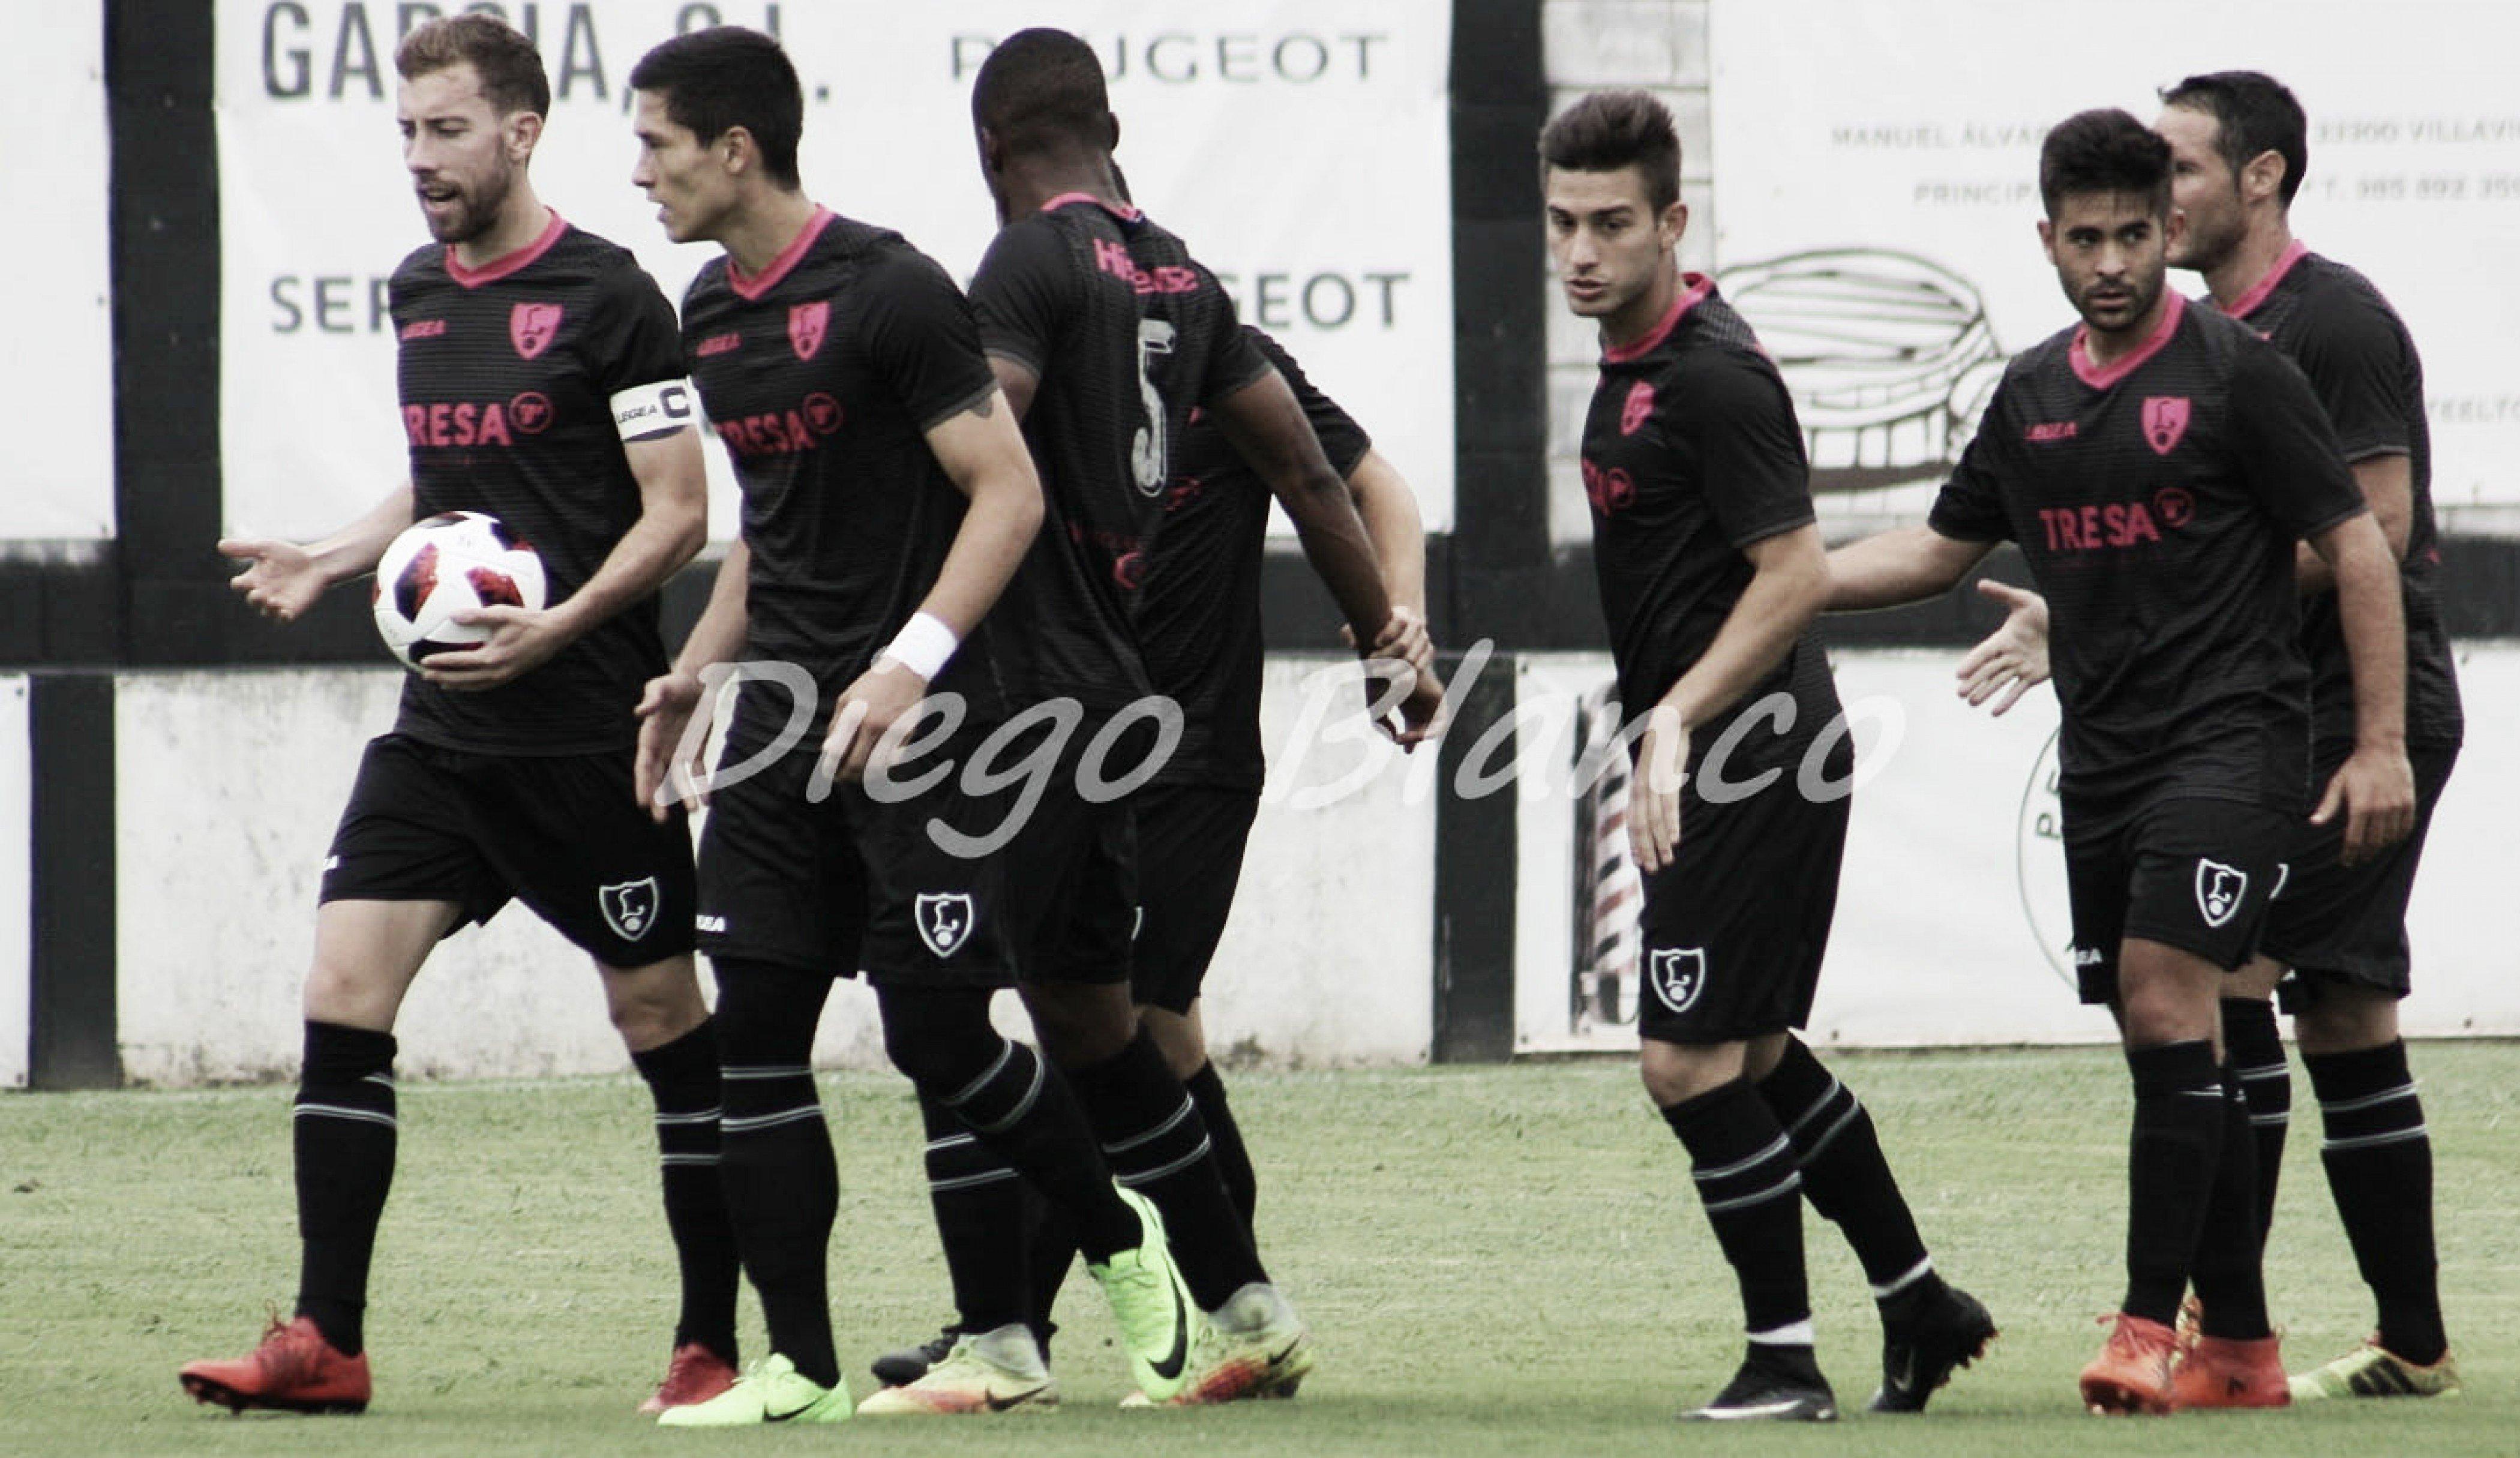 Tercera División > las últimas noticias | VAVEL.com